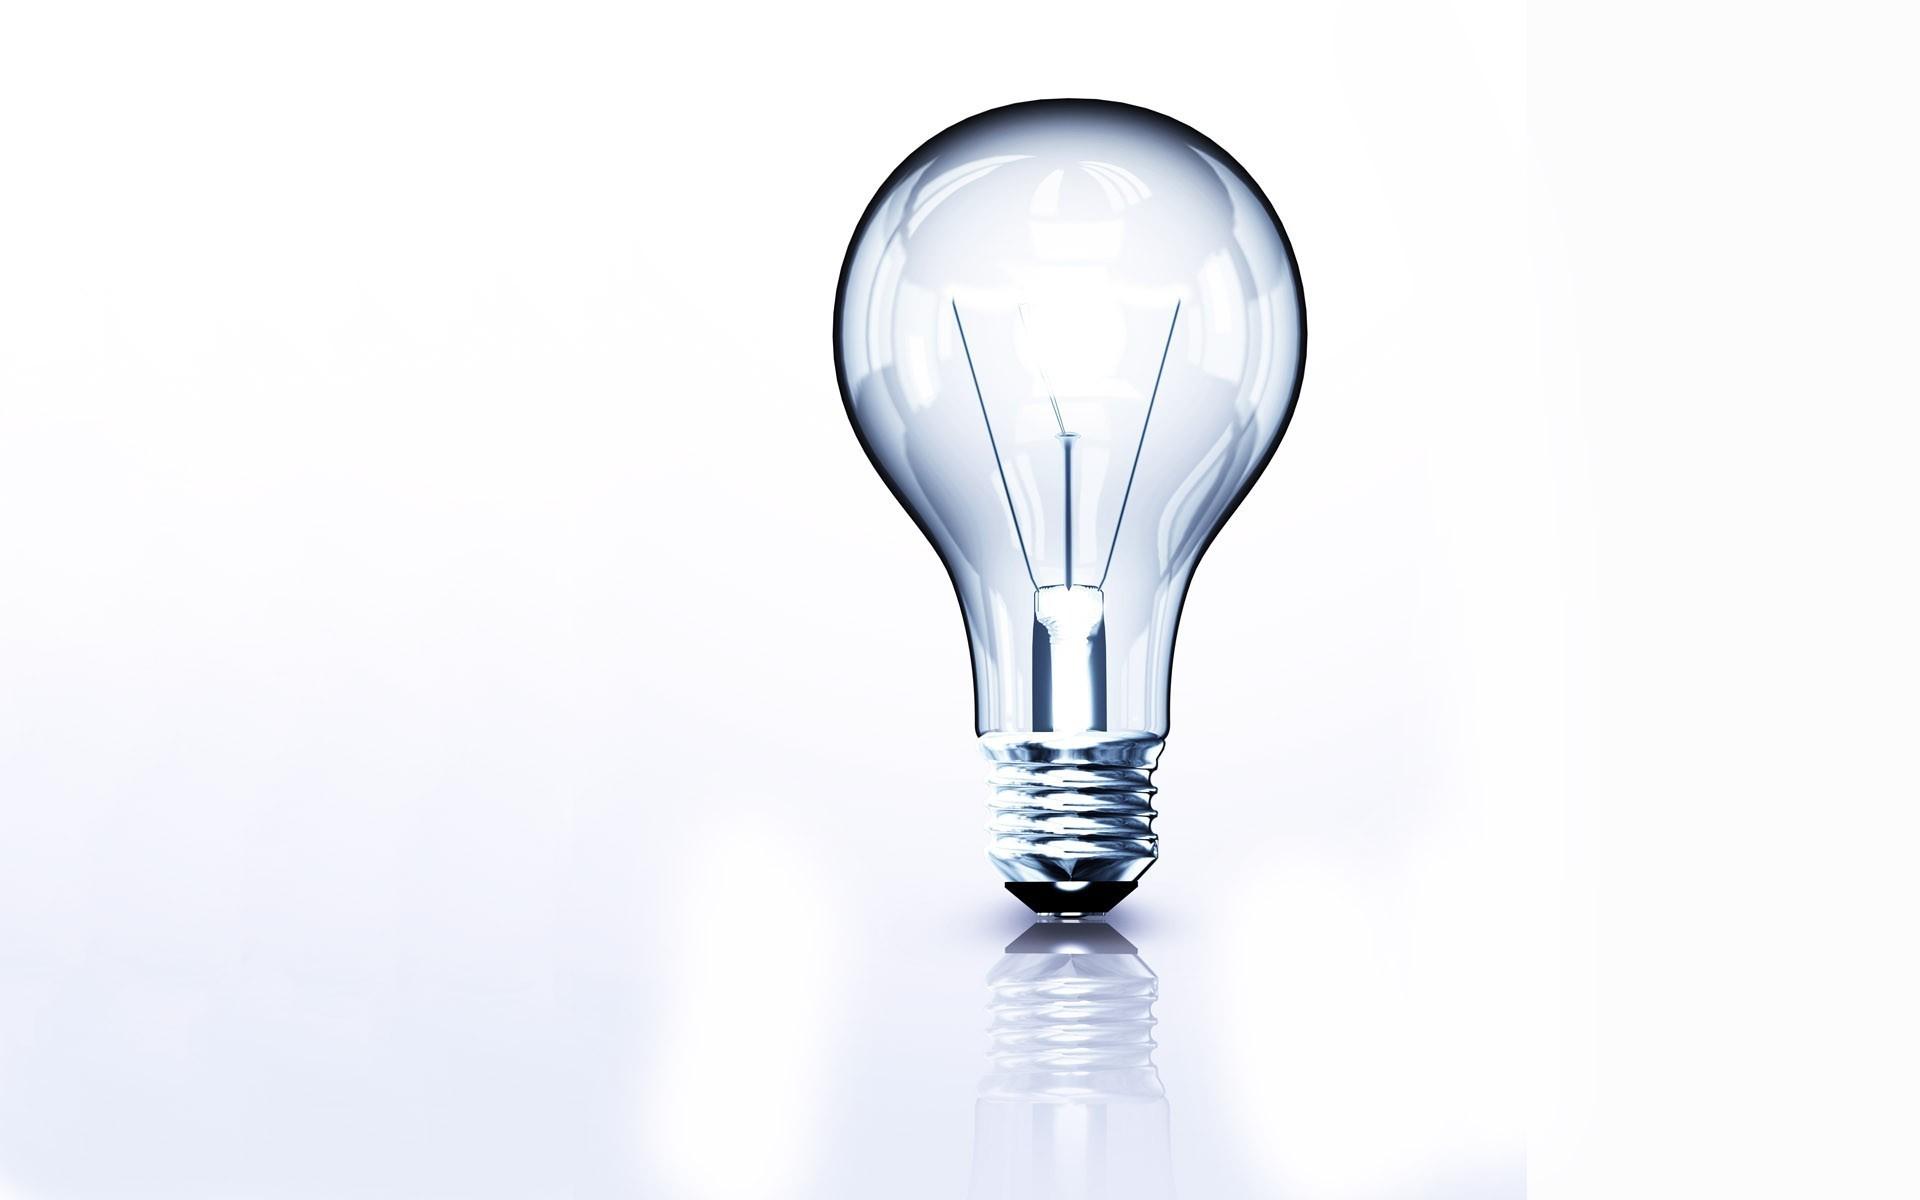 hintergrundbilder beleuchtung einfacher hintergrund wei er hintergrund lampe die gl hbirne. Black Bedroom Furniture Sets. Home Design Ideas